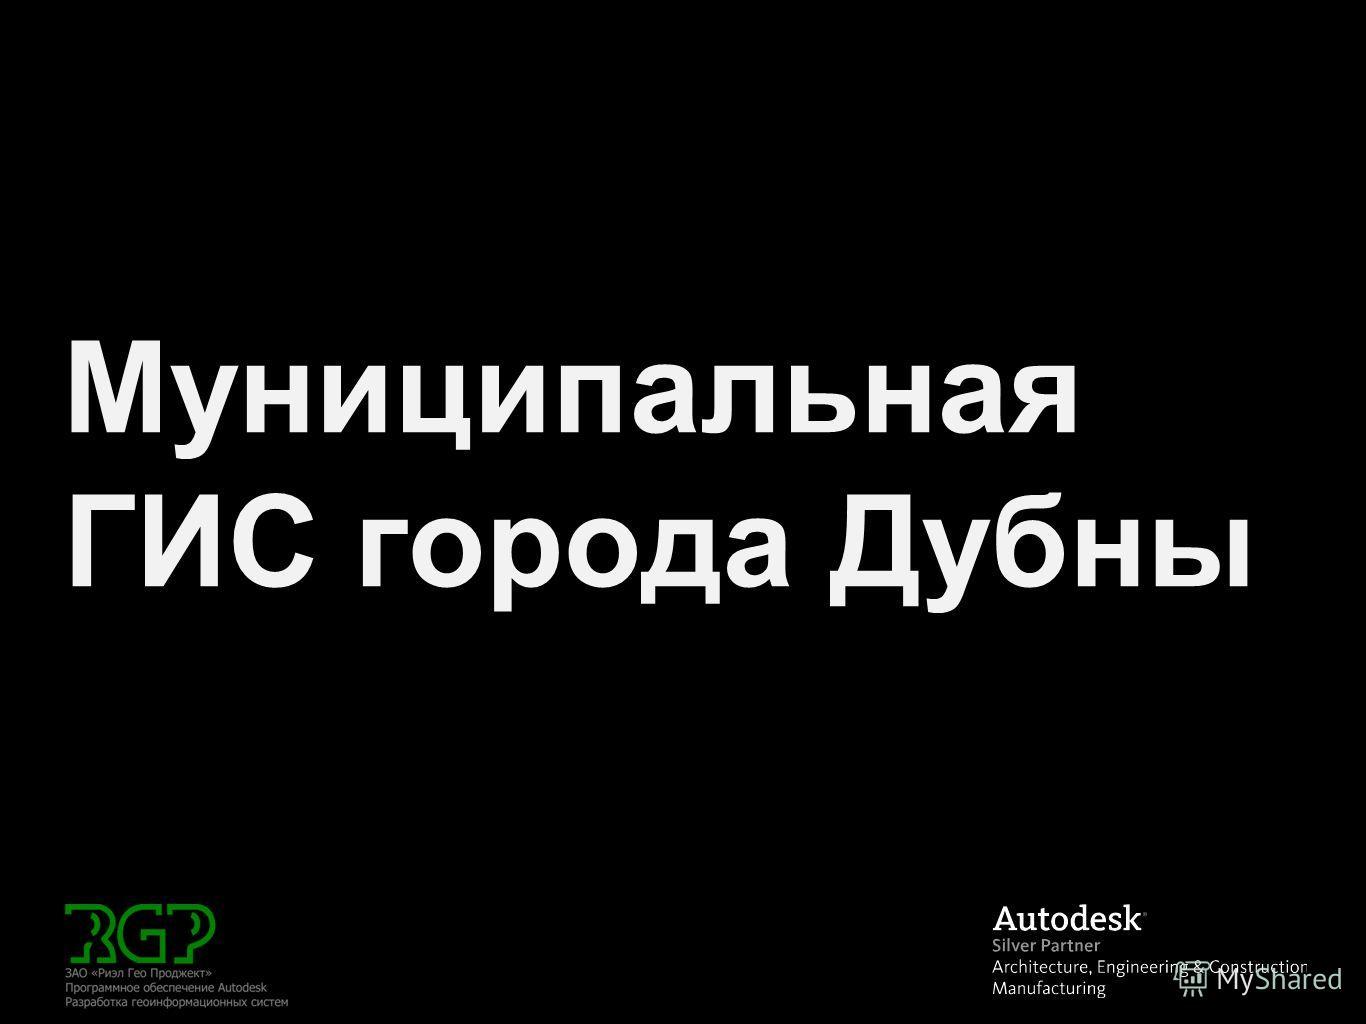 Муниципальная ГИС города Дубны